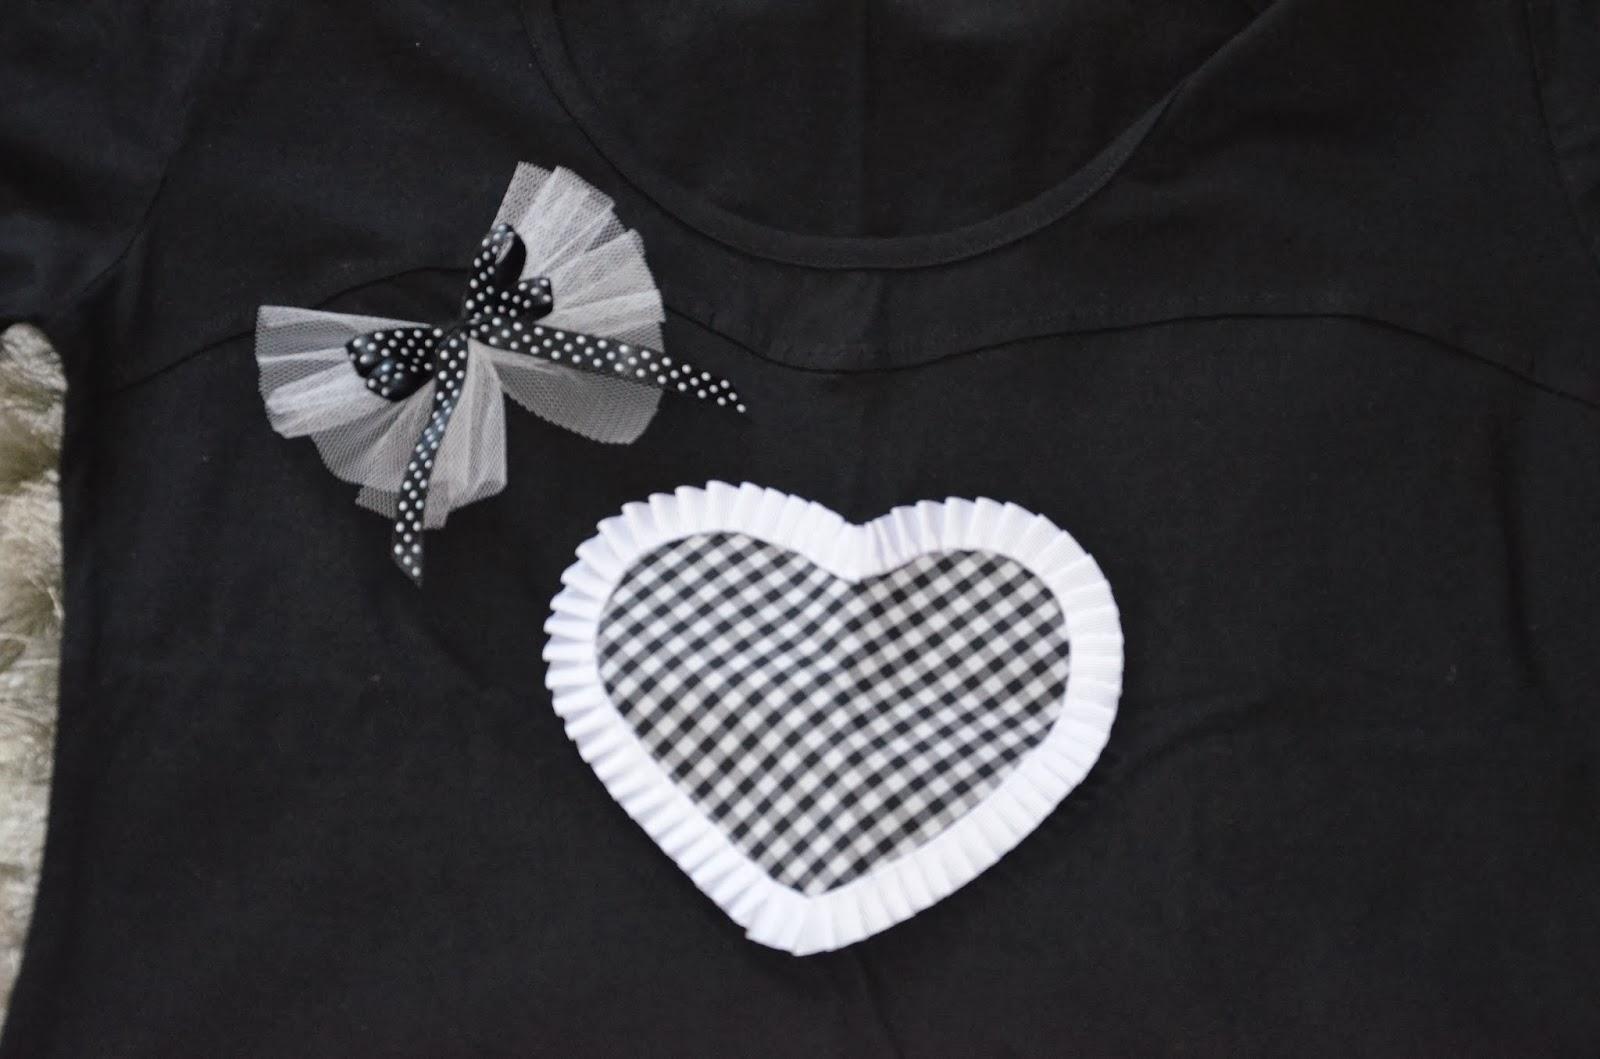 aplicación de corazon de vichy negro y blanco con plisado blanco y lazo decorativo